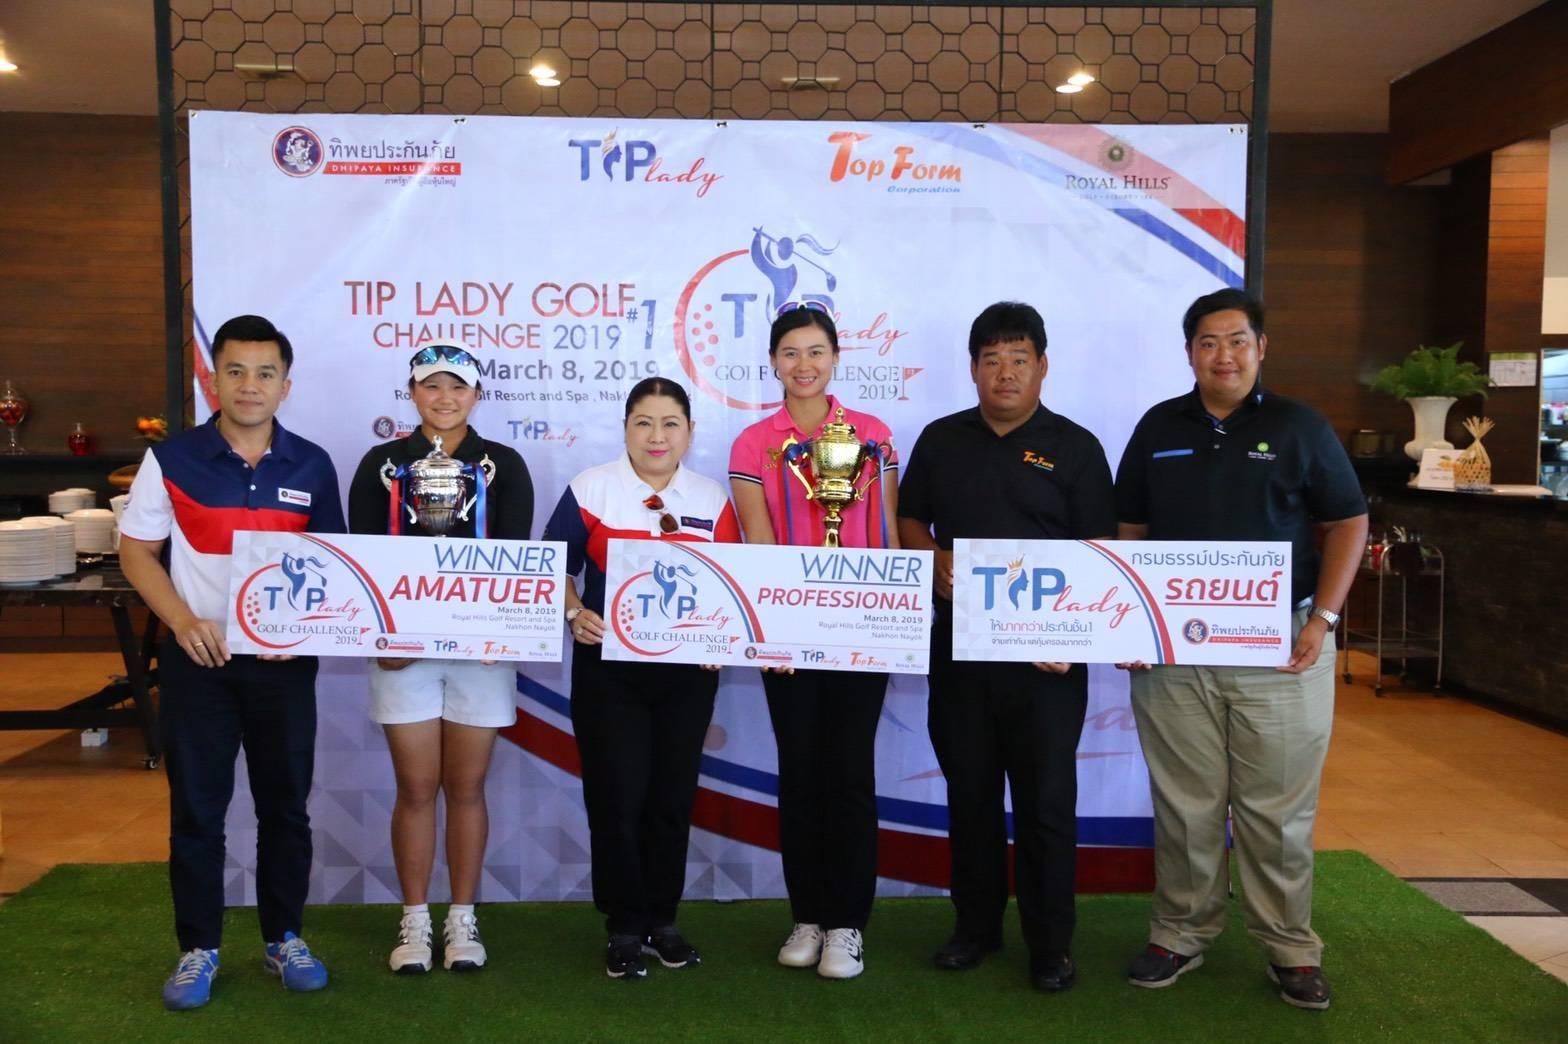 วันสตรีสากล 8 มีนาคม 62 กับการส่งเสริมและพัฒนากีฬากอล์ฟสตรีไทย ในรายการ Tip Lady Golf Challenge